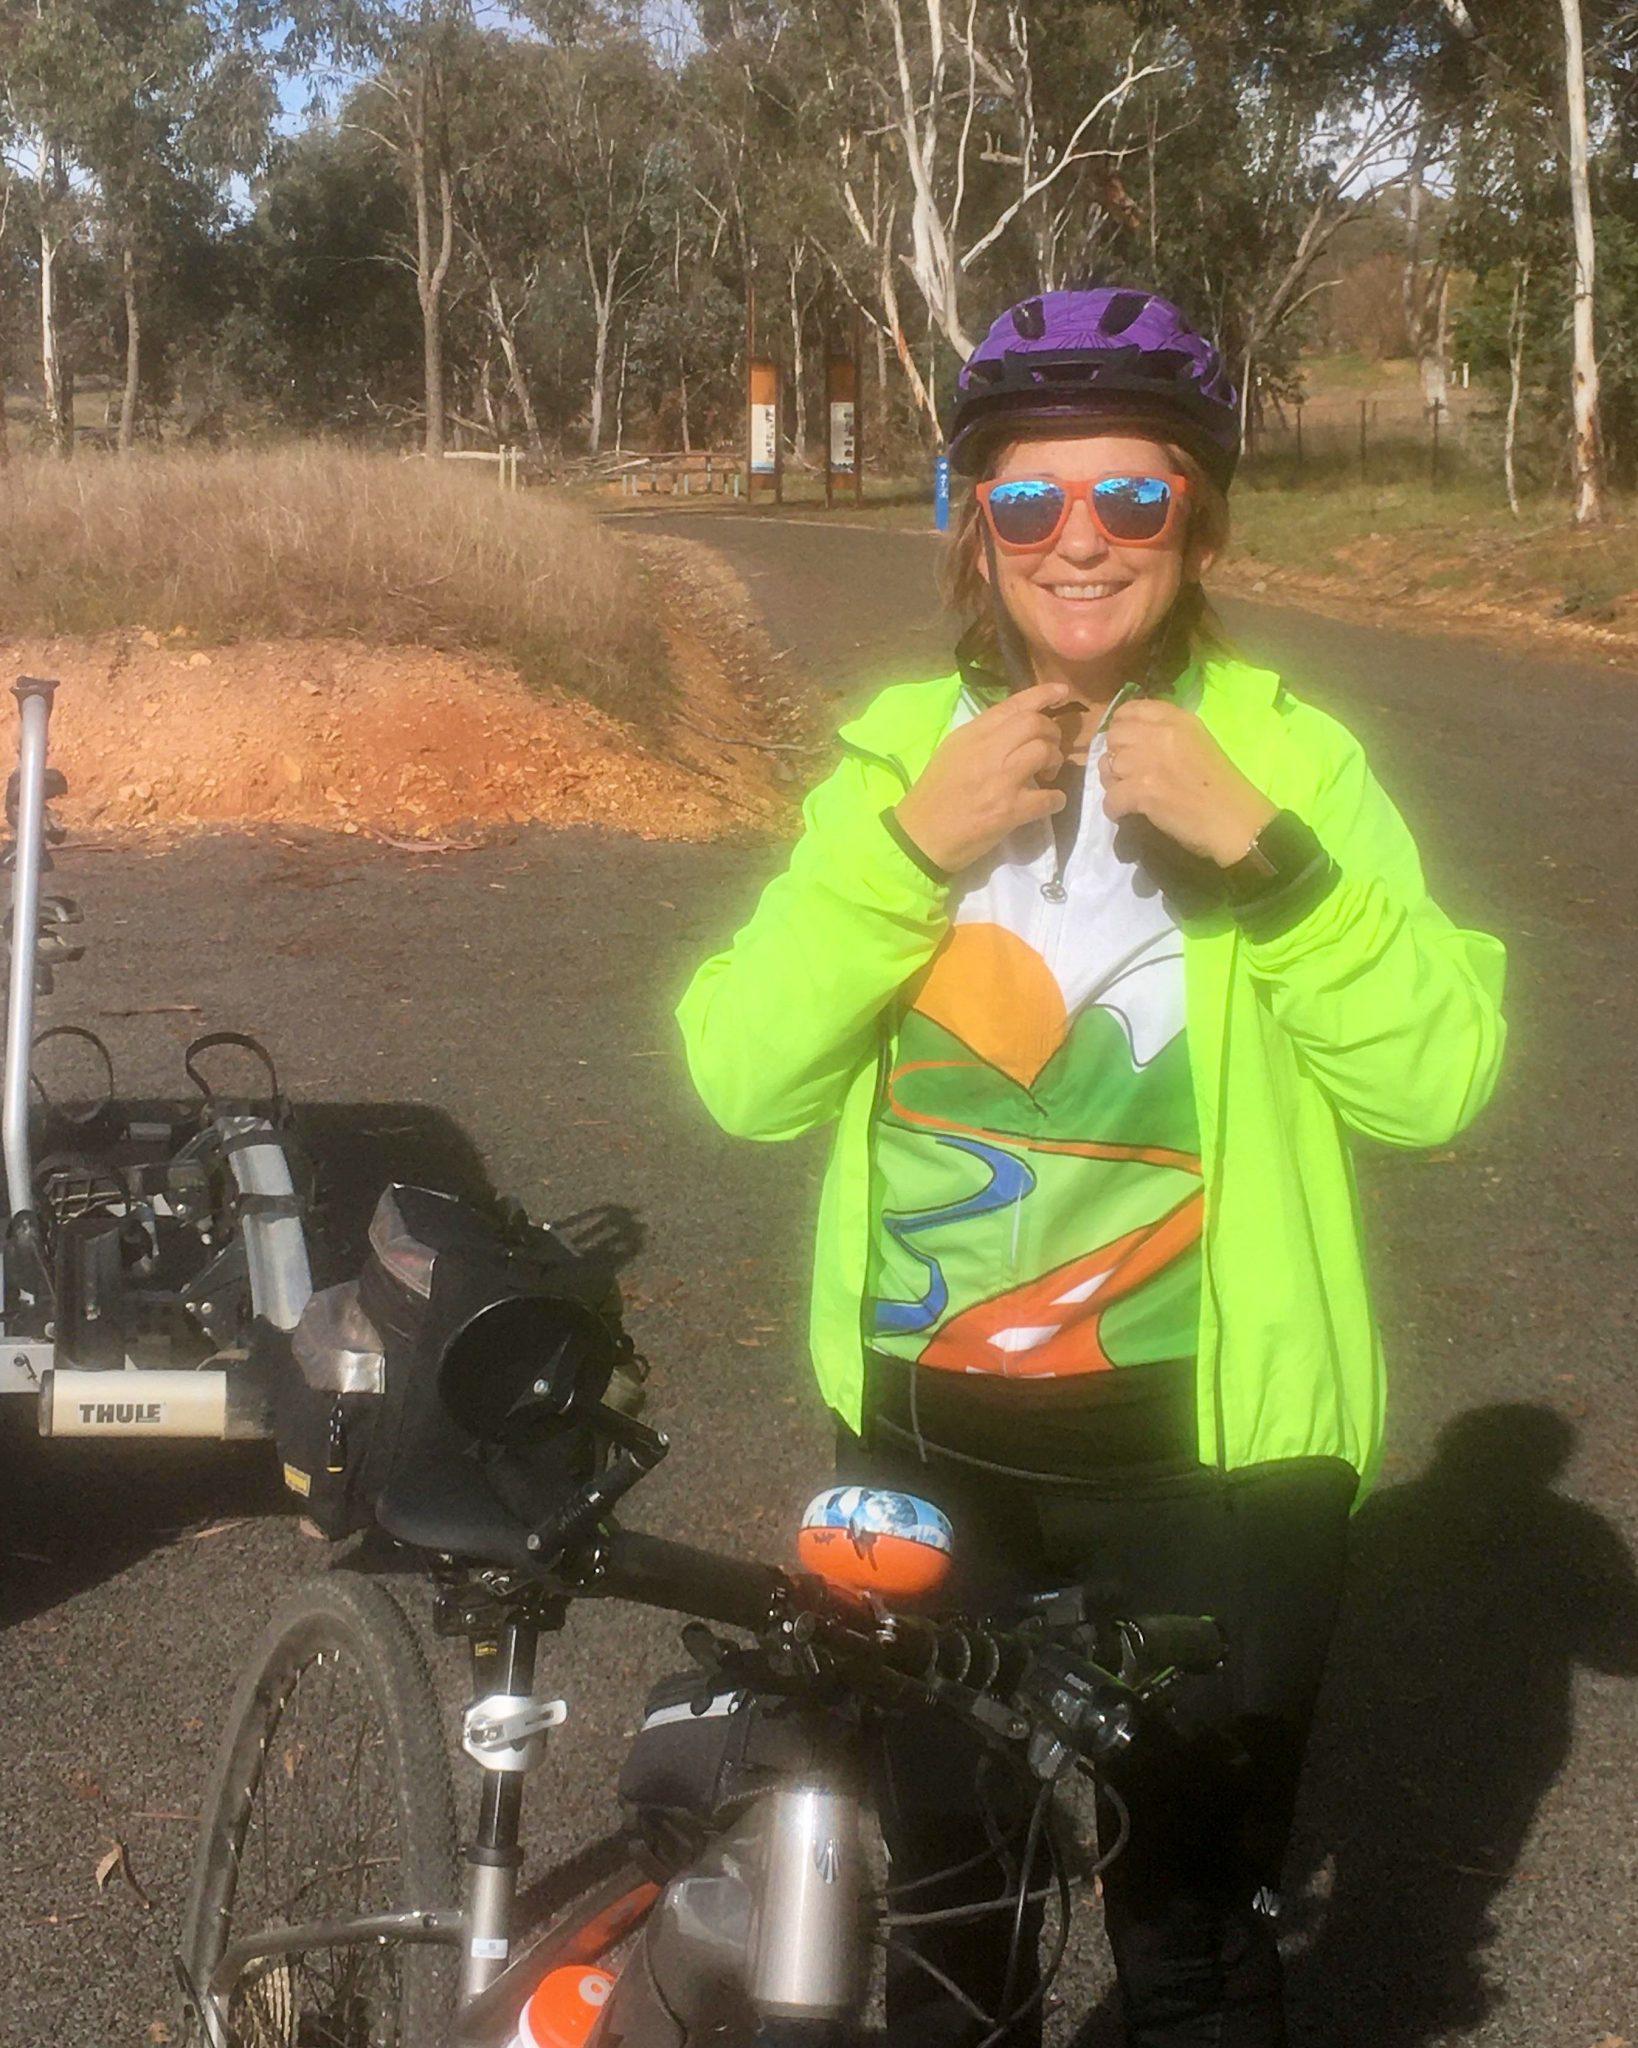 Debbie cycling the rail trail